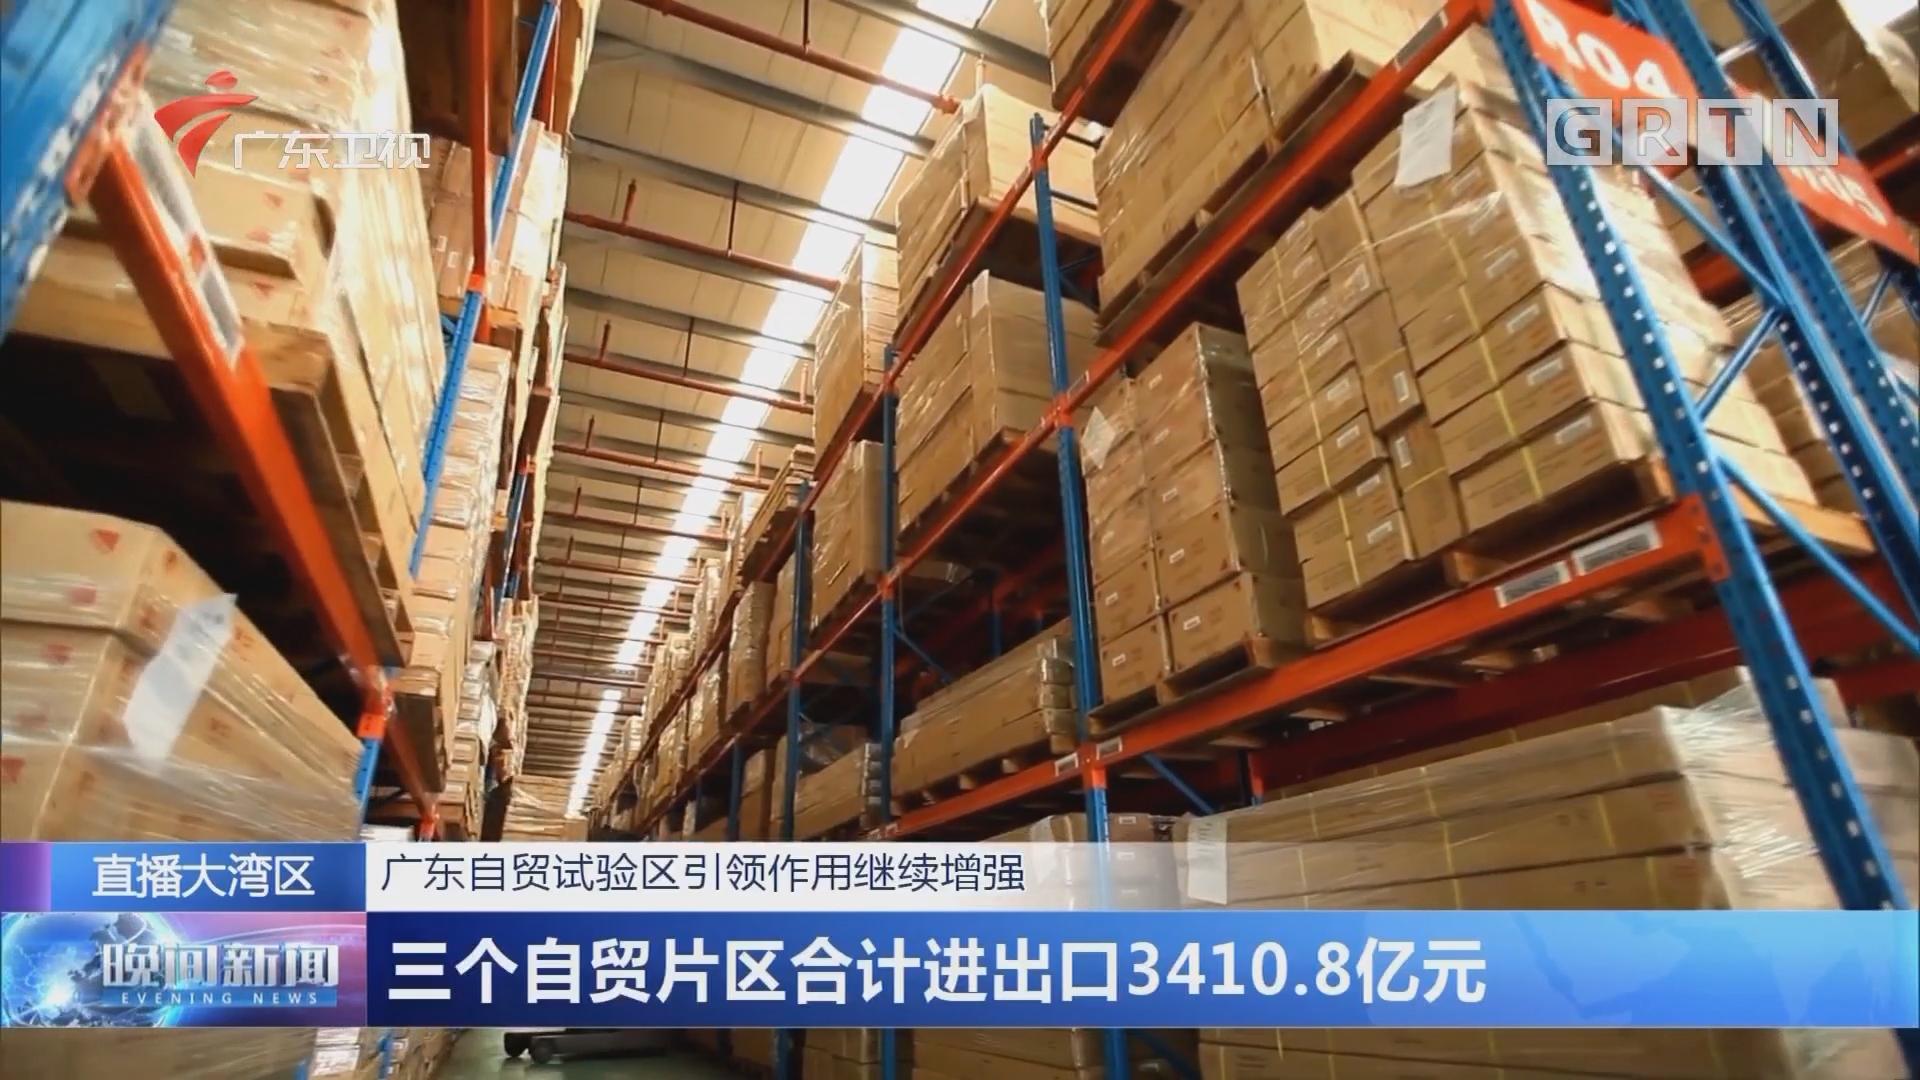 广东自贸试验区引领作用继续增强 三个自贸片区合计进出口3410.8亿元